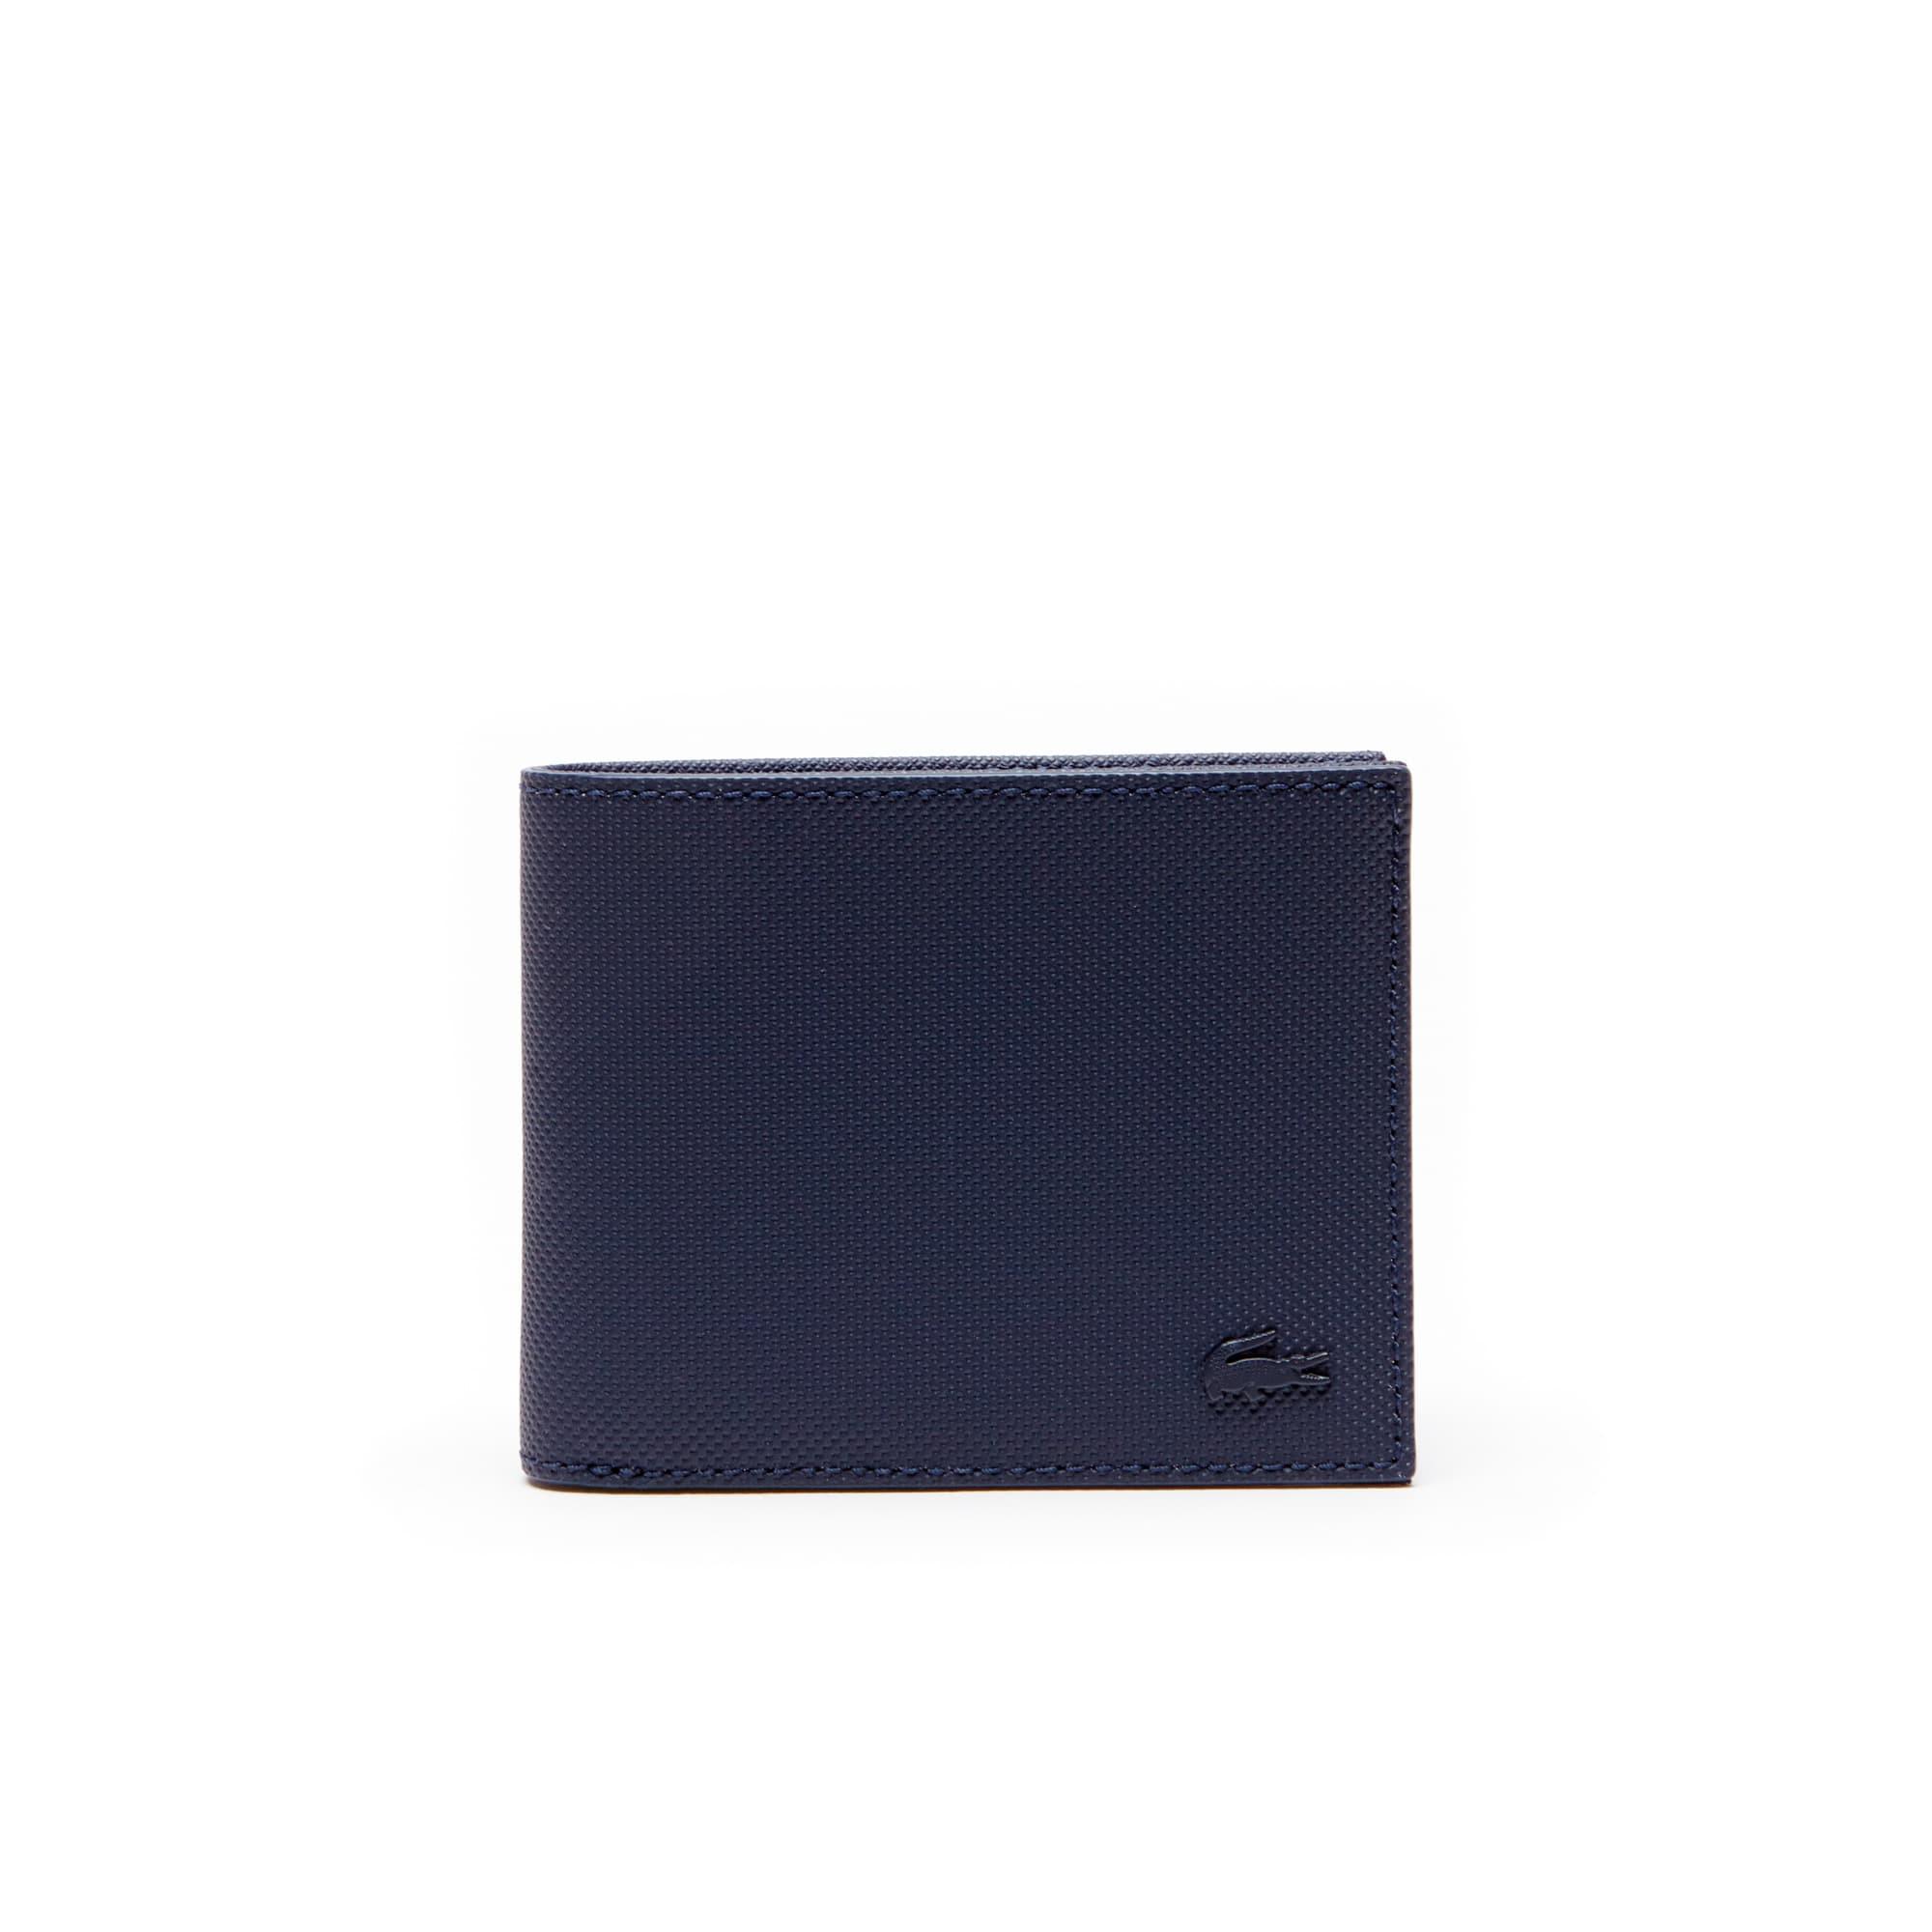 Herren-Brieftasche CLASSIC aus Petit Piqué